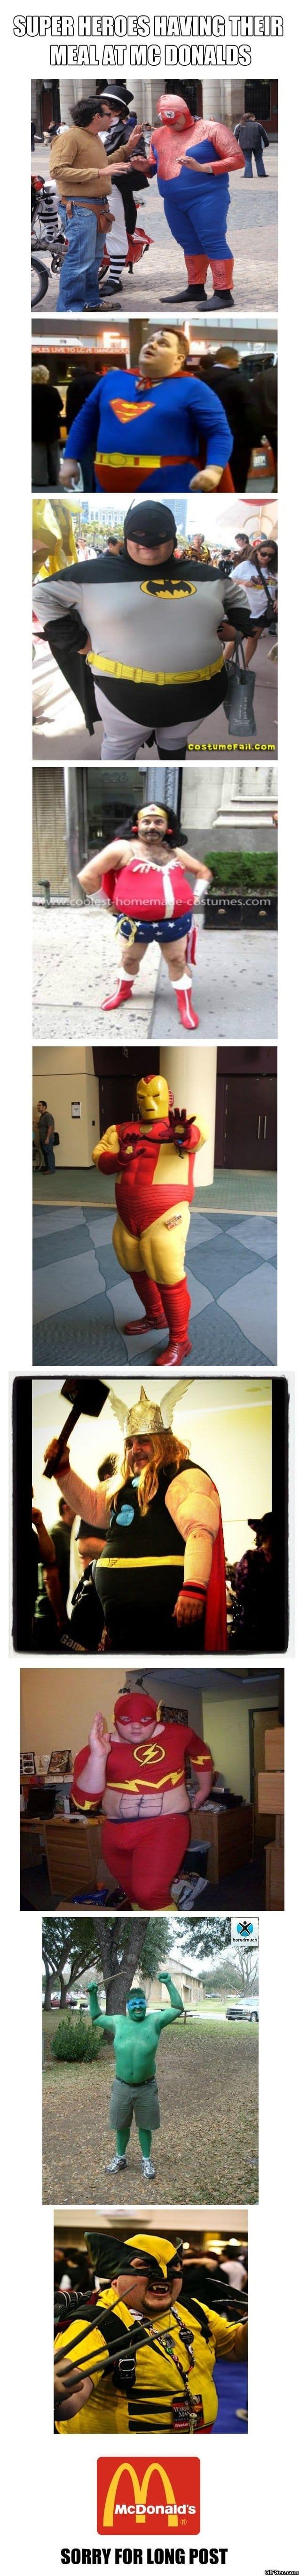 Funny - Fat Super Heroes